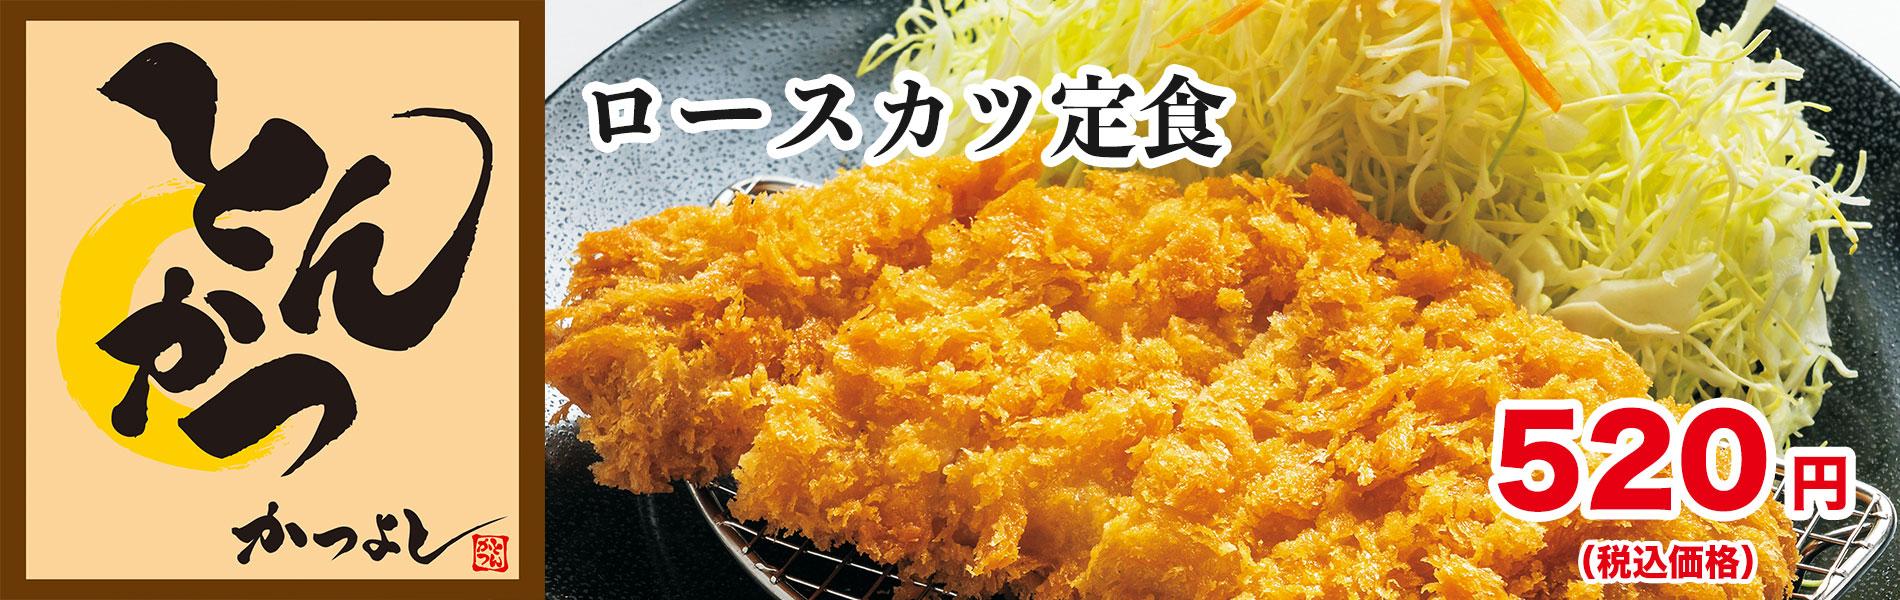 ロースカツ定食 520円(税込価格)